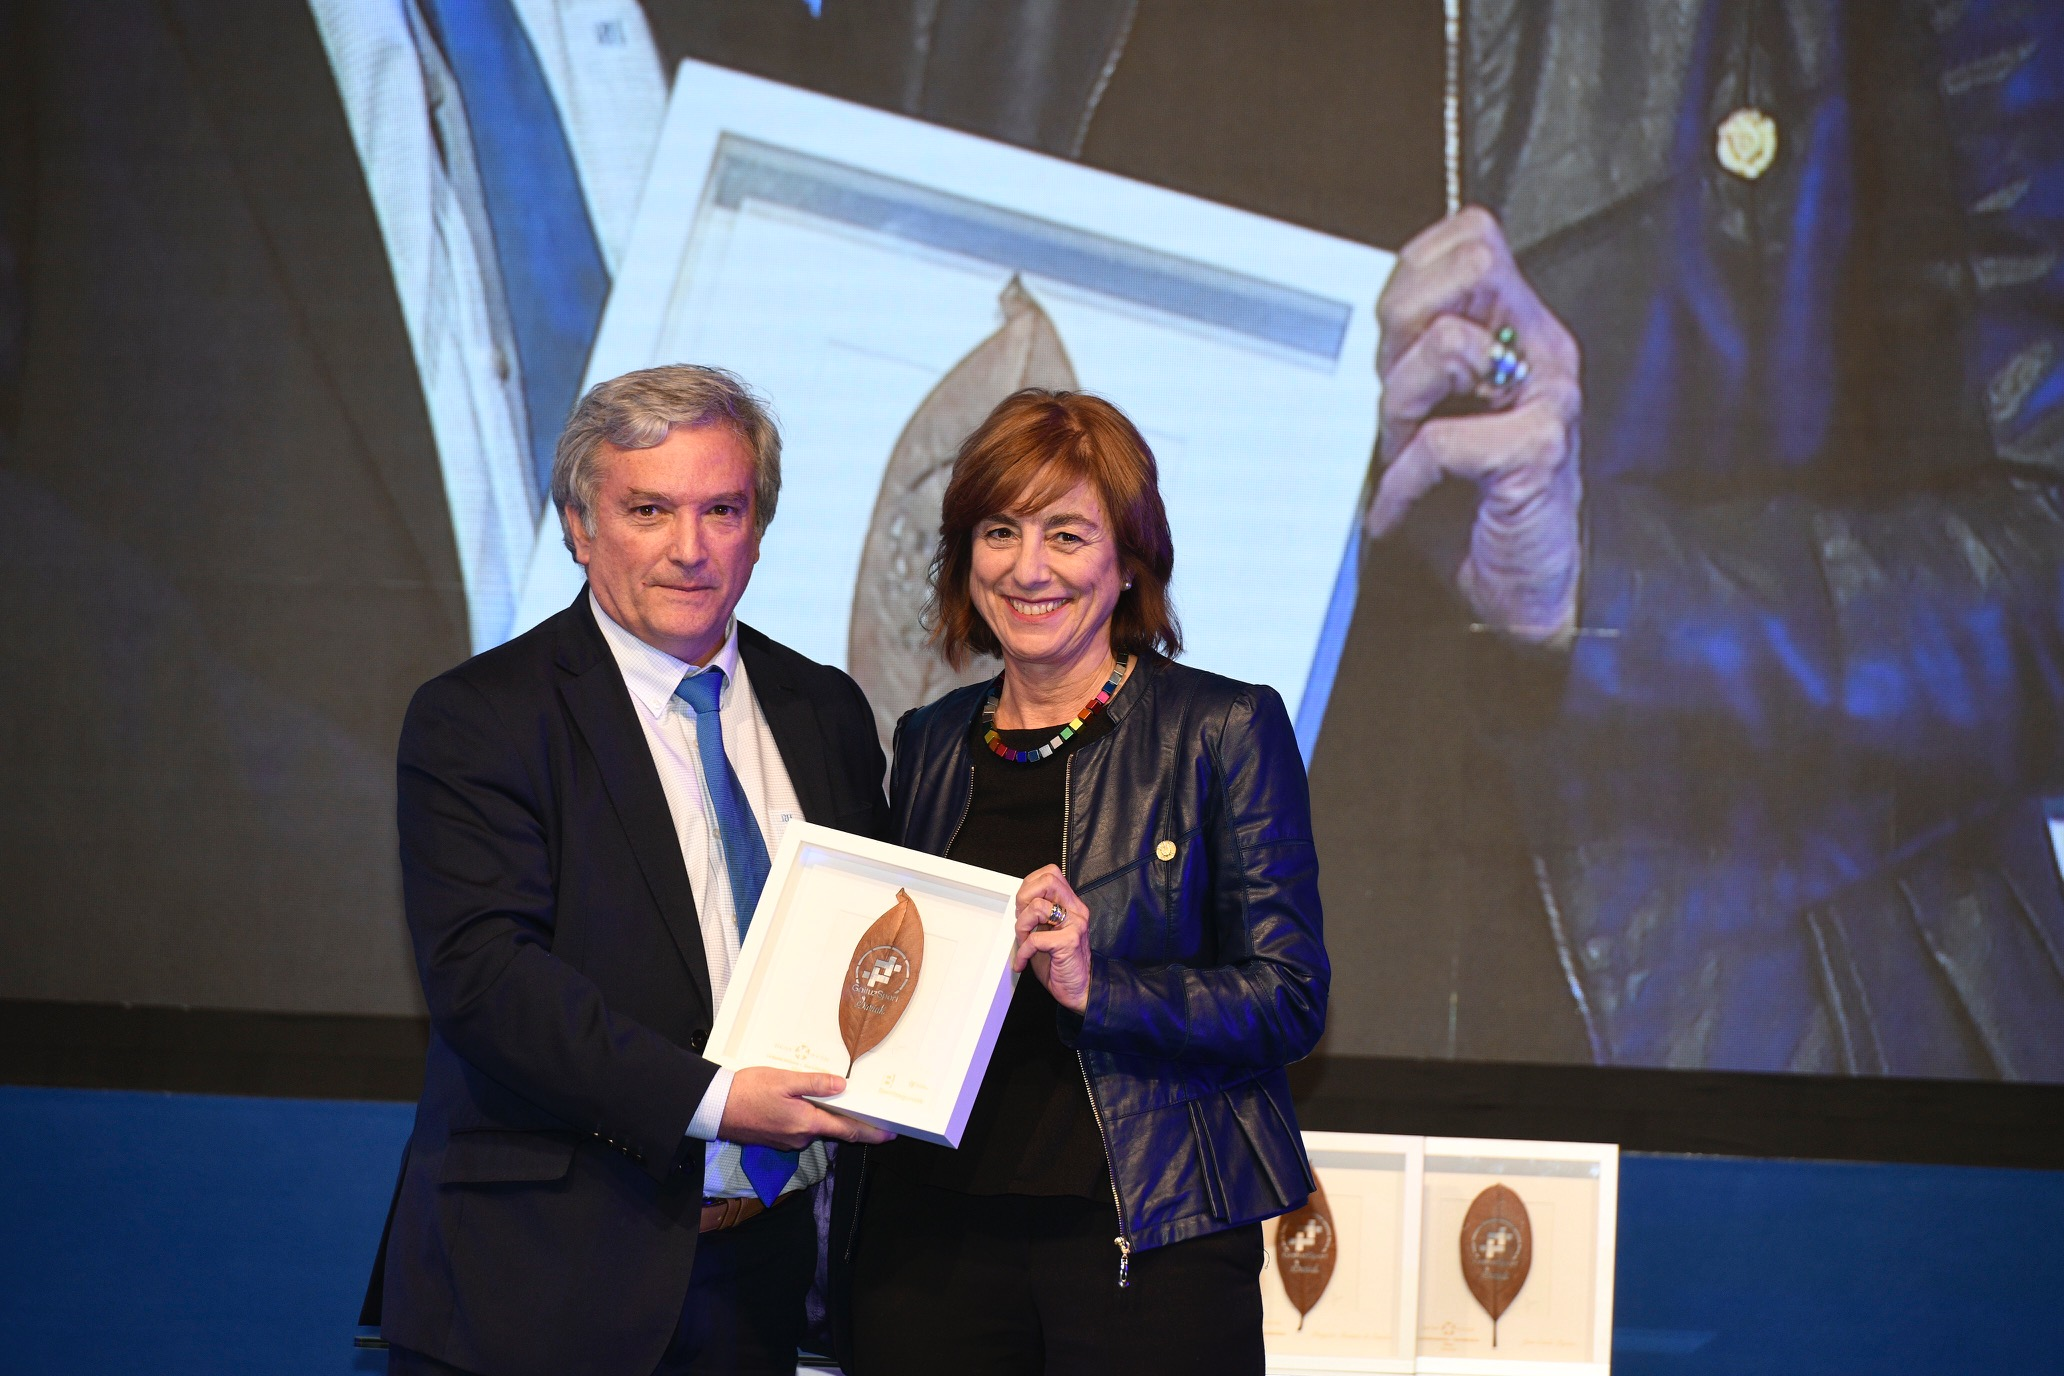 Entrega del Premio GaituzSport Berritzeguneak